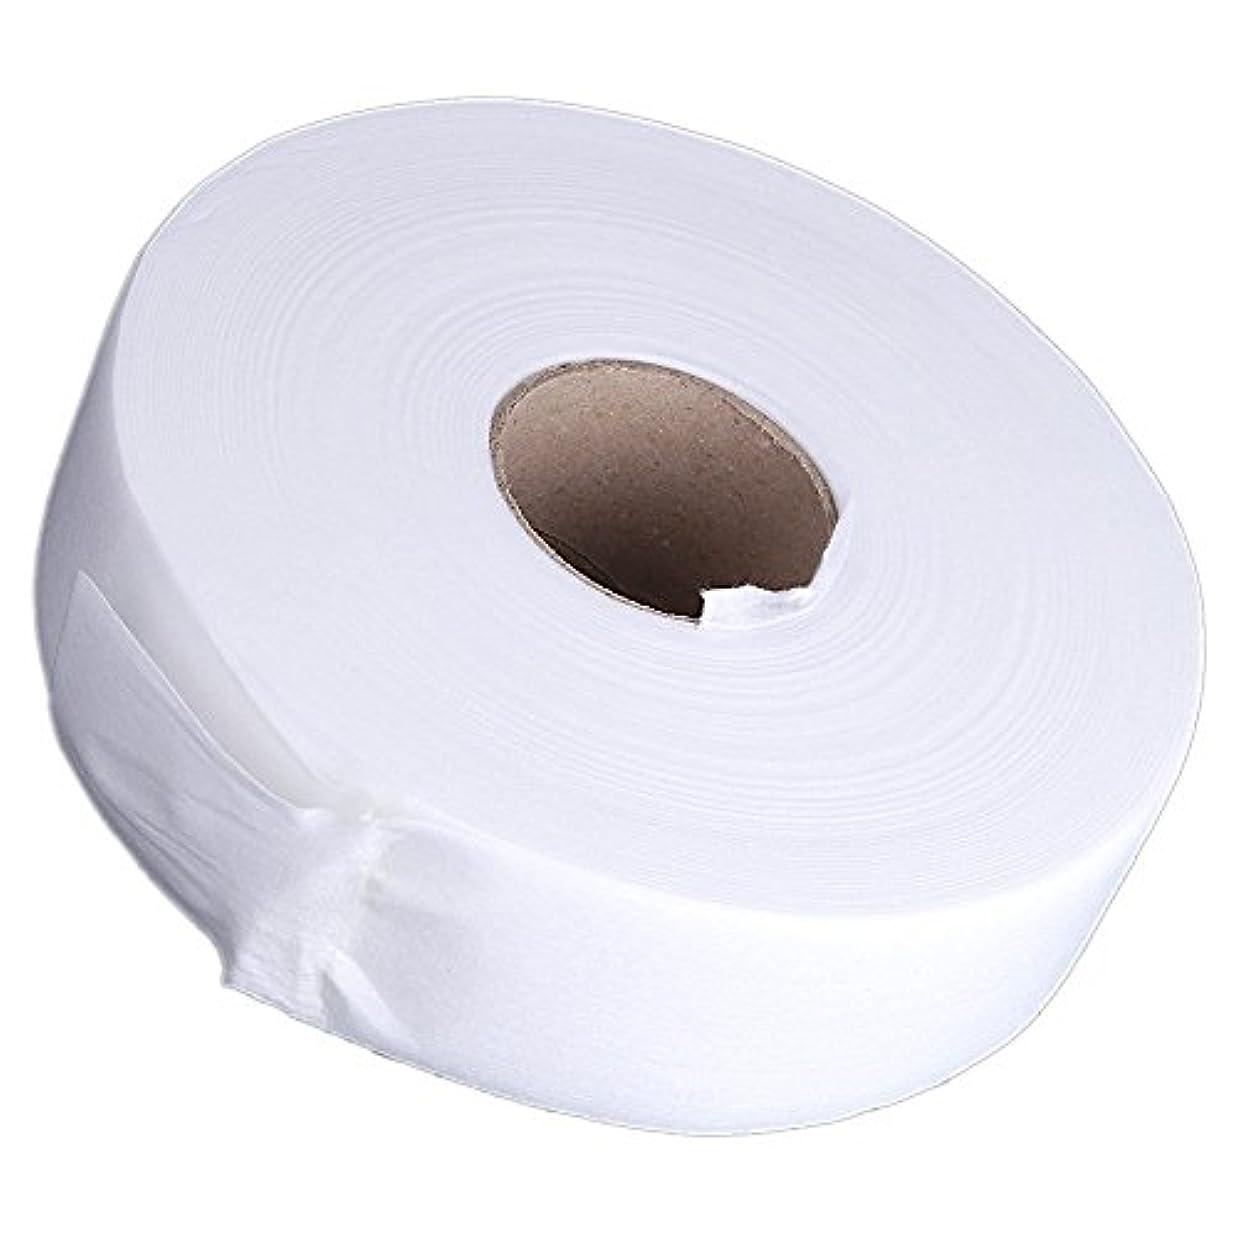 め言葉専門用語時計SODIAL 100ヤードの脱毛紙脱毛ワックスストリップ 不織布ペーパーワックスロール(白)